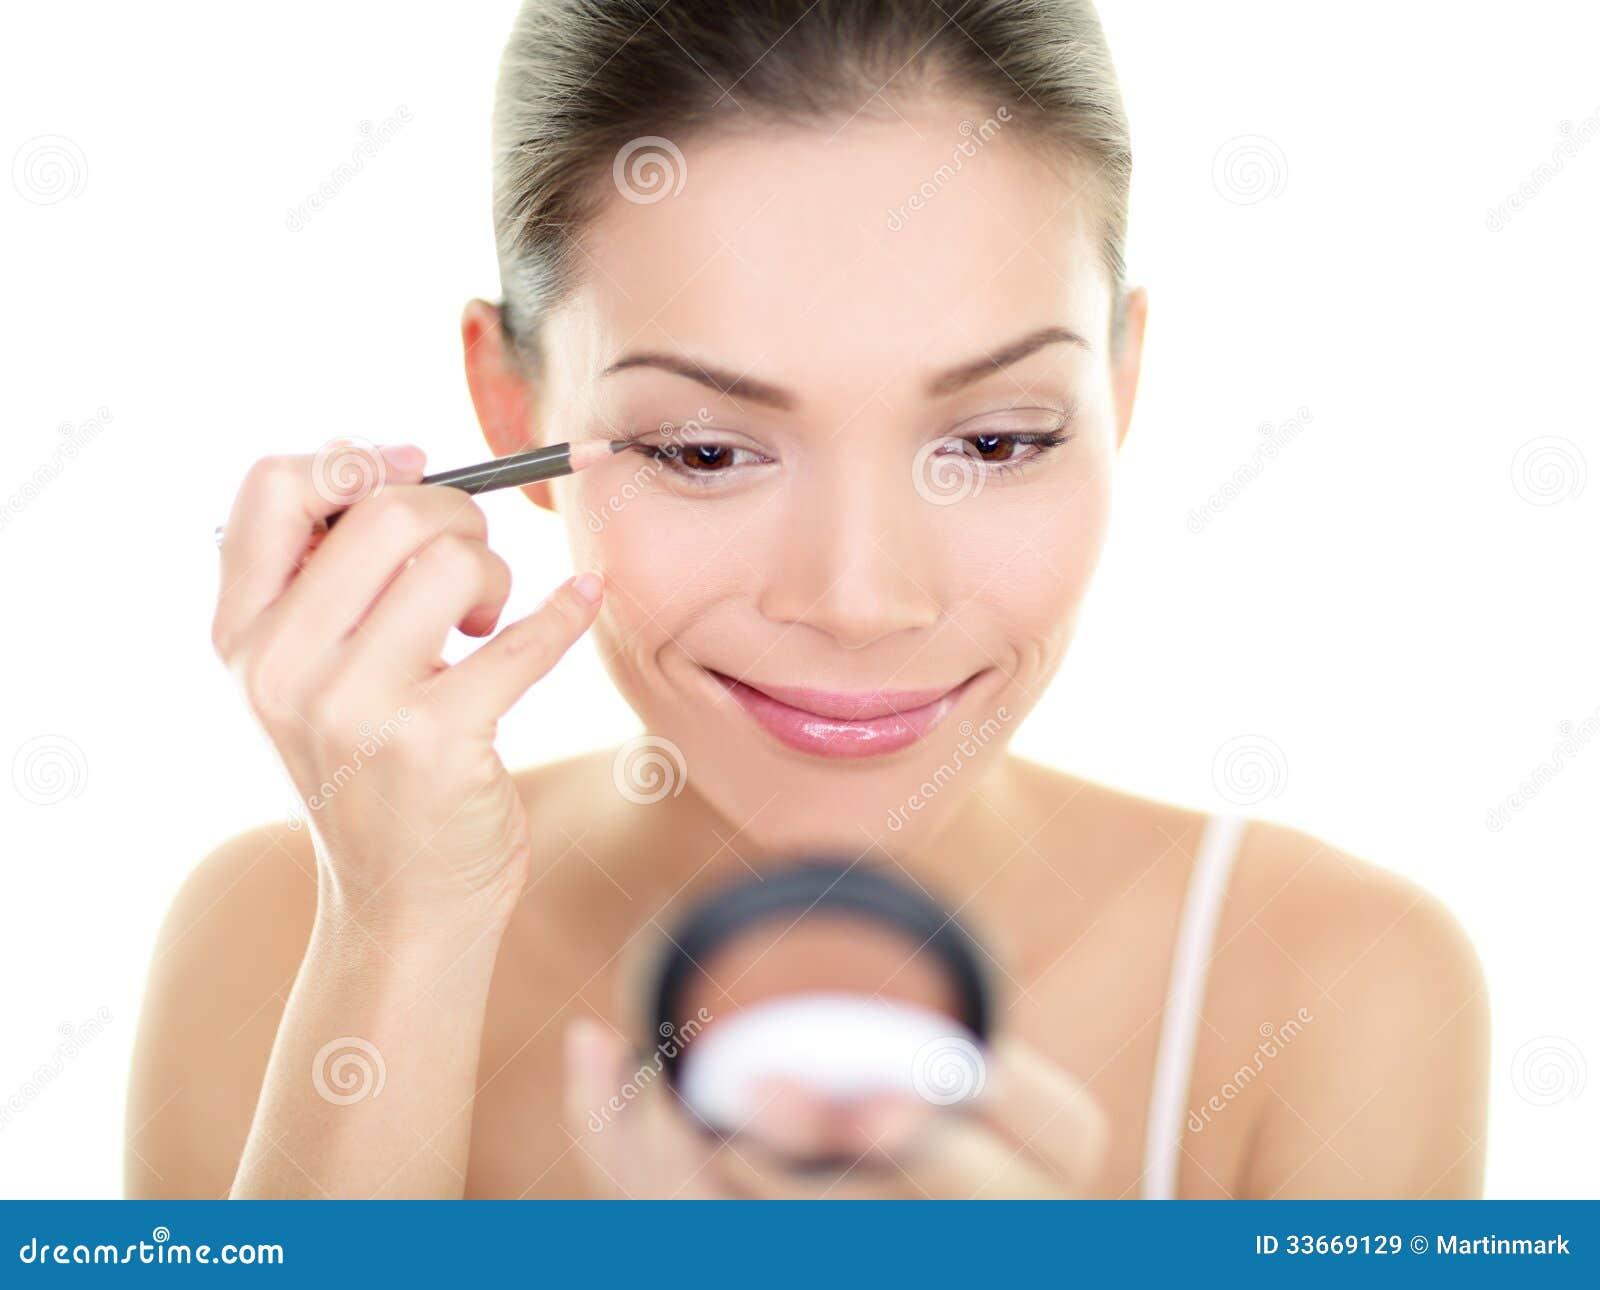 eye-makeup-for-asian-girls-naked-hot-girls-spreading-their-legs